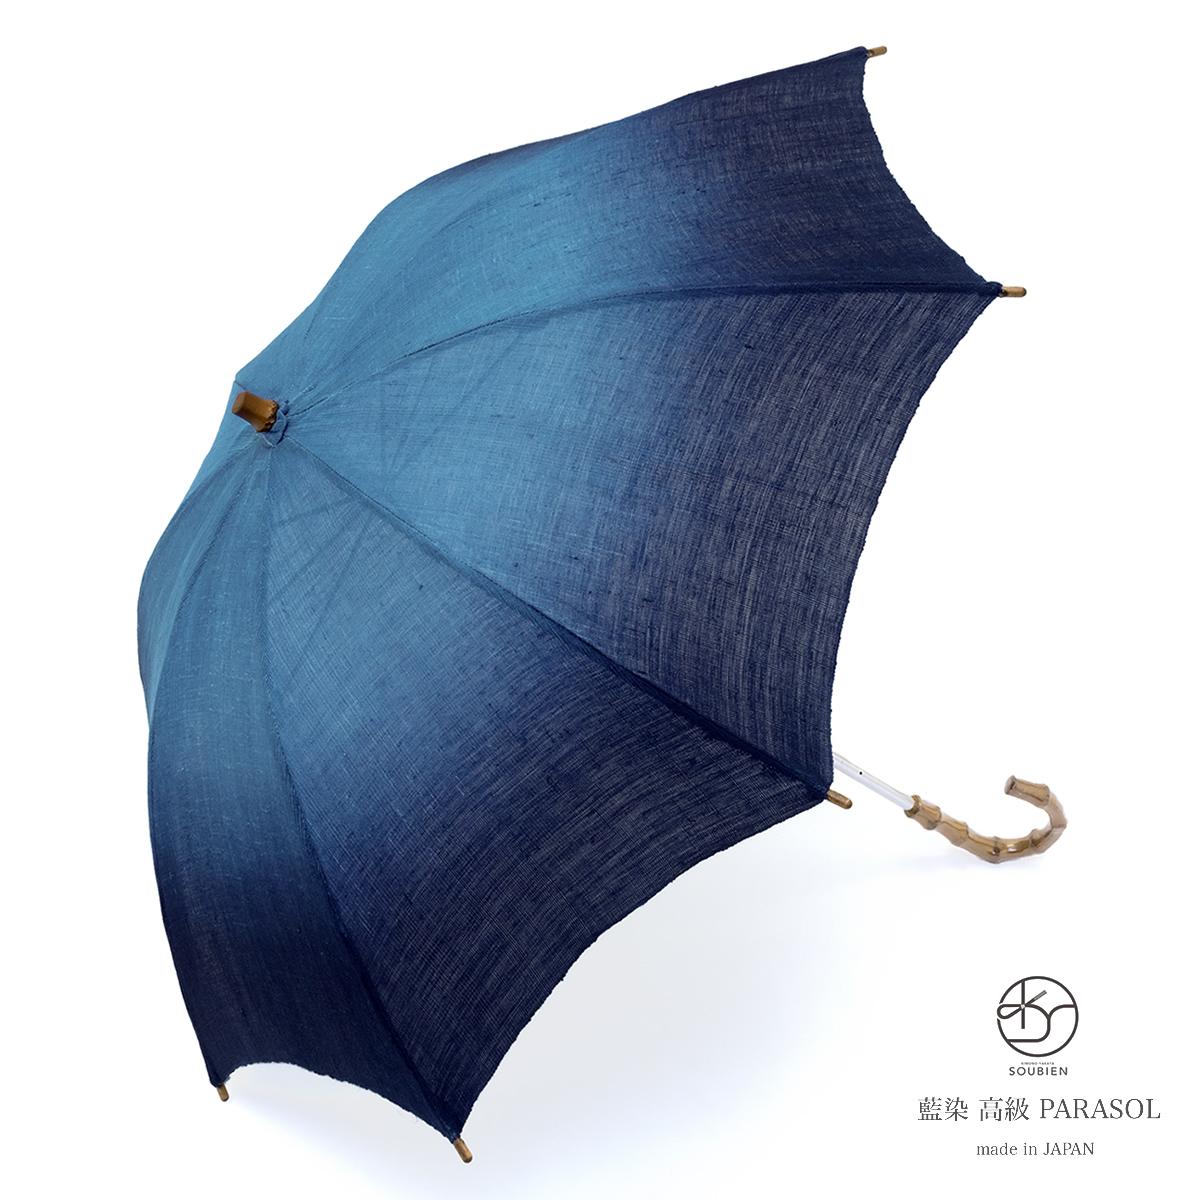 日傘 藍 インディゴブルー ネイビー 青 円 グラデーション 藍染 引染 麻 ひがさ 和装小物 便利小物 日本製【あす楽対応】【送料無料】